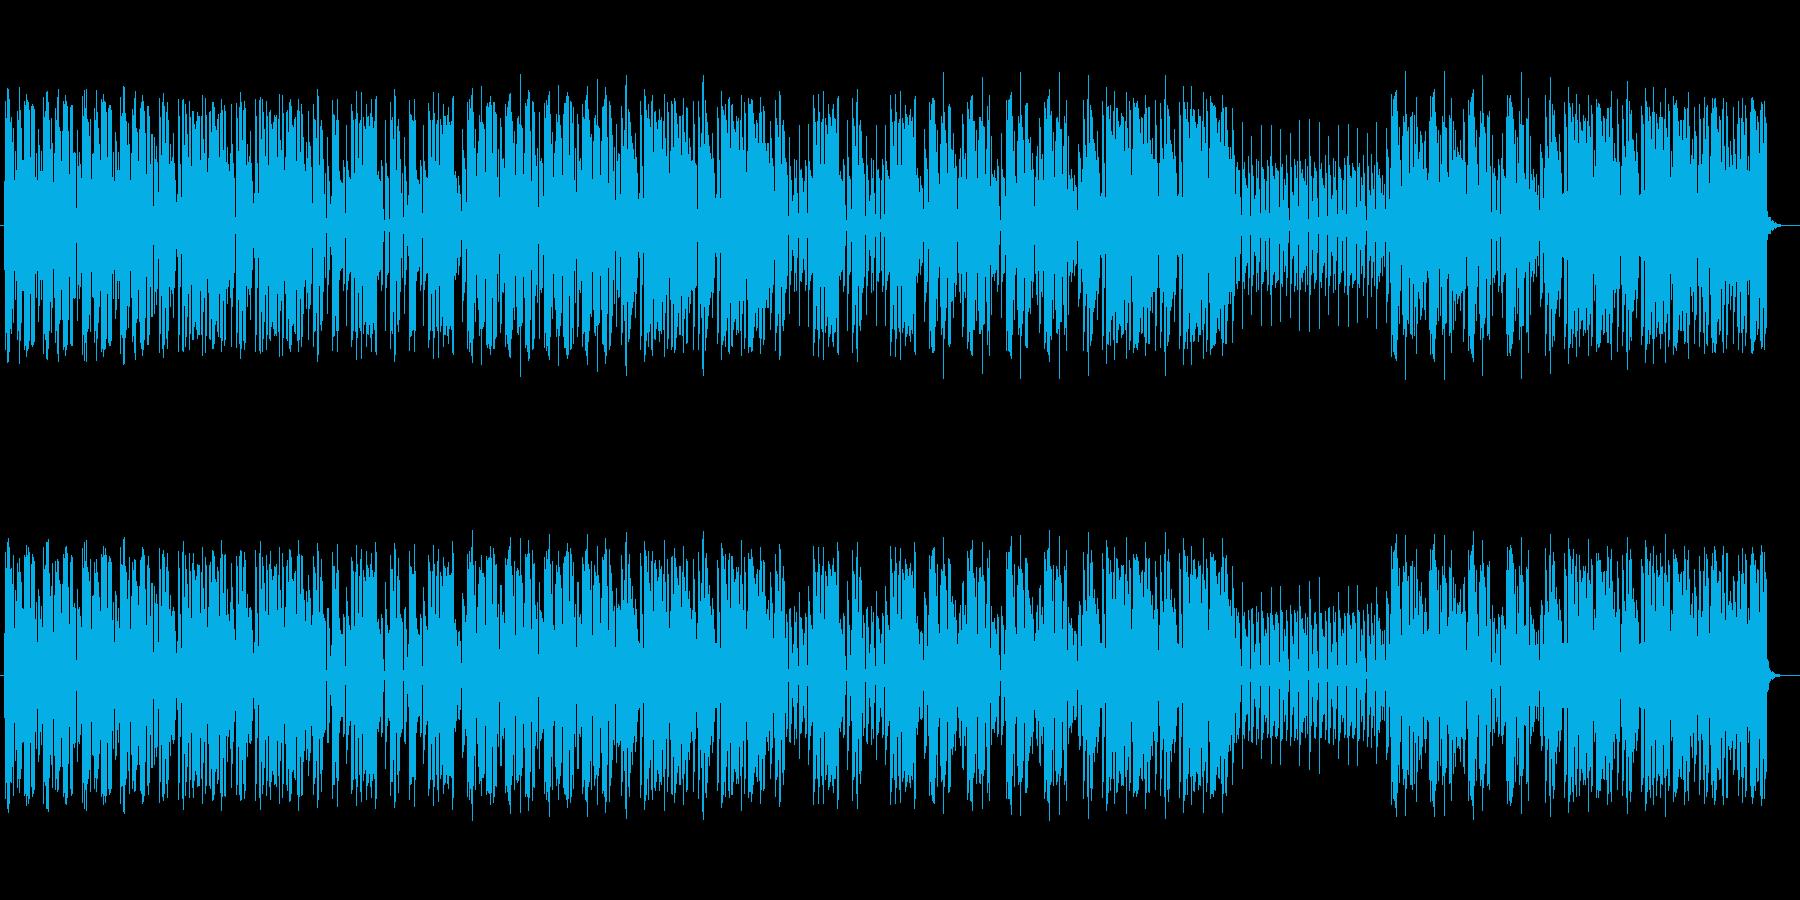 80年代風のテクノポップスの再生済みの波形